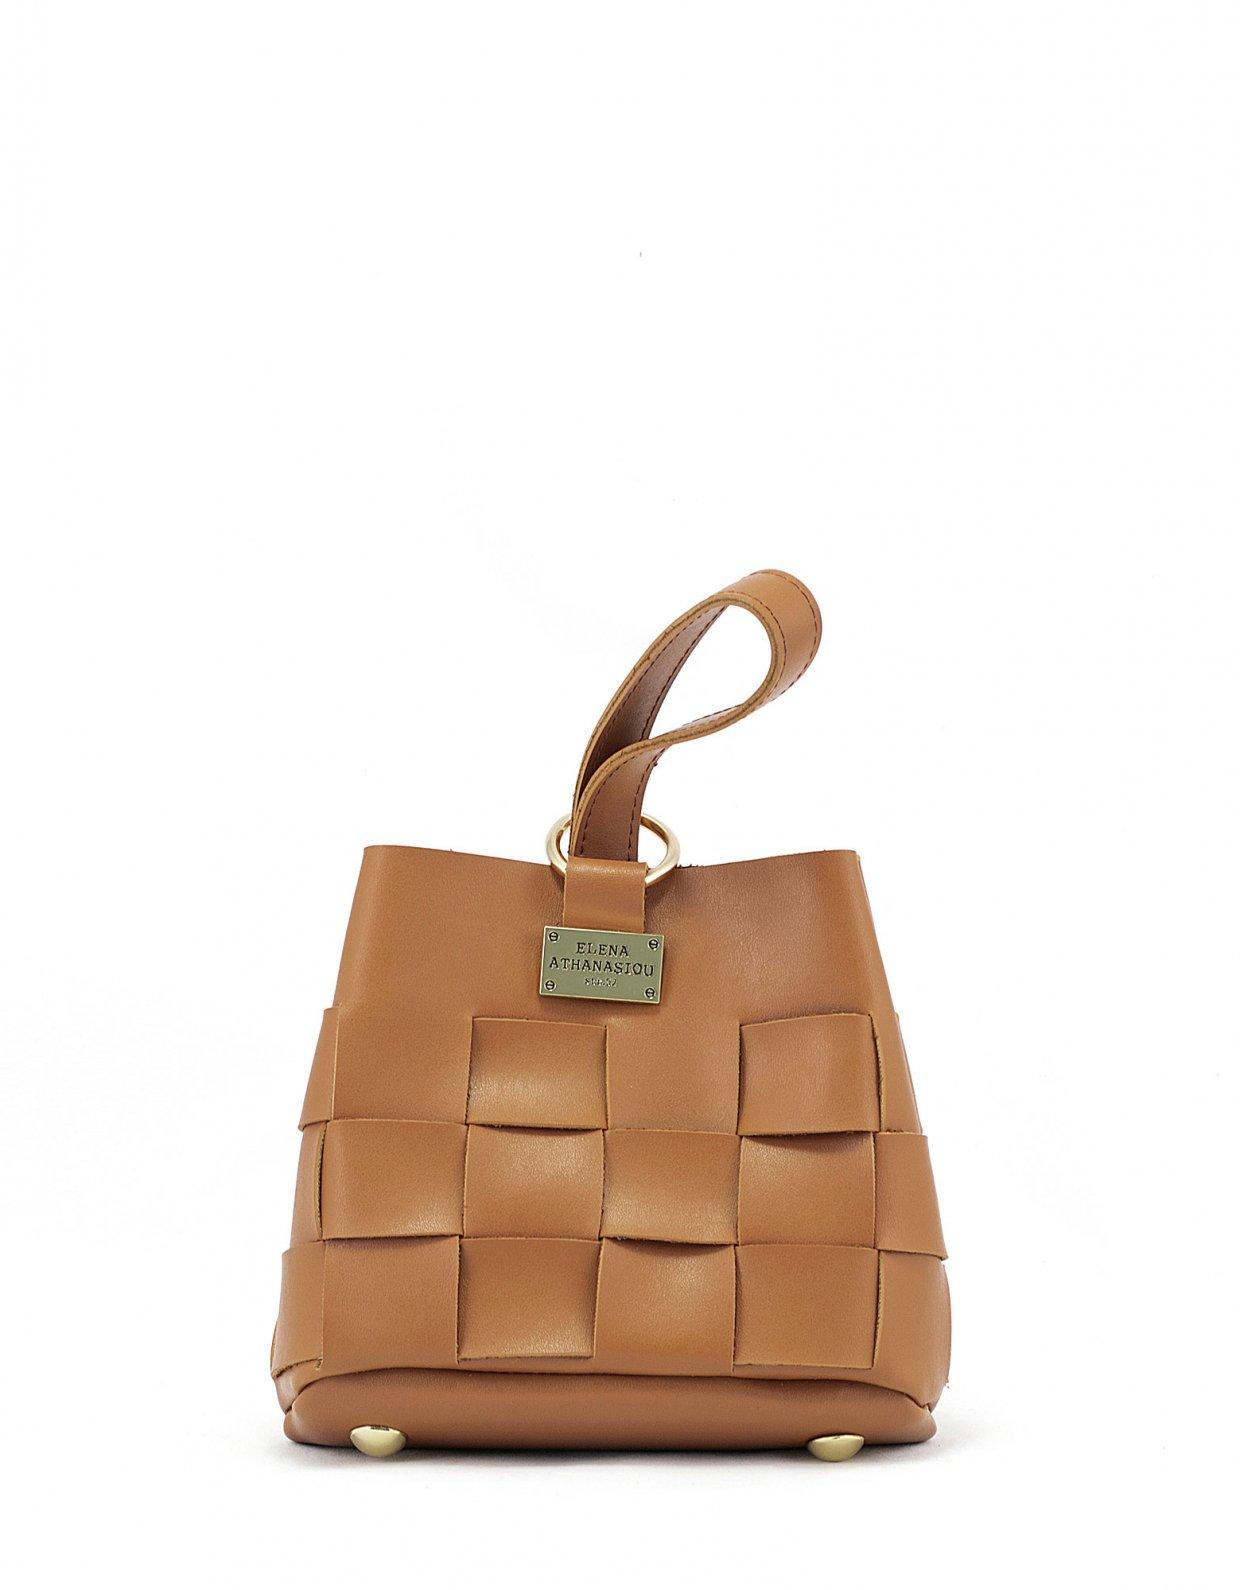 Elena Athanasiou Straw tiny bag cognac